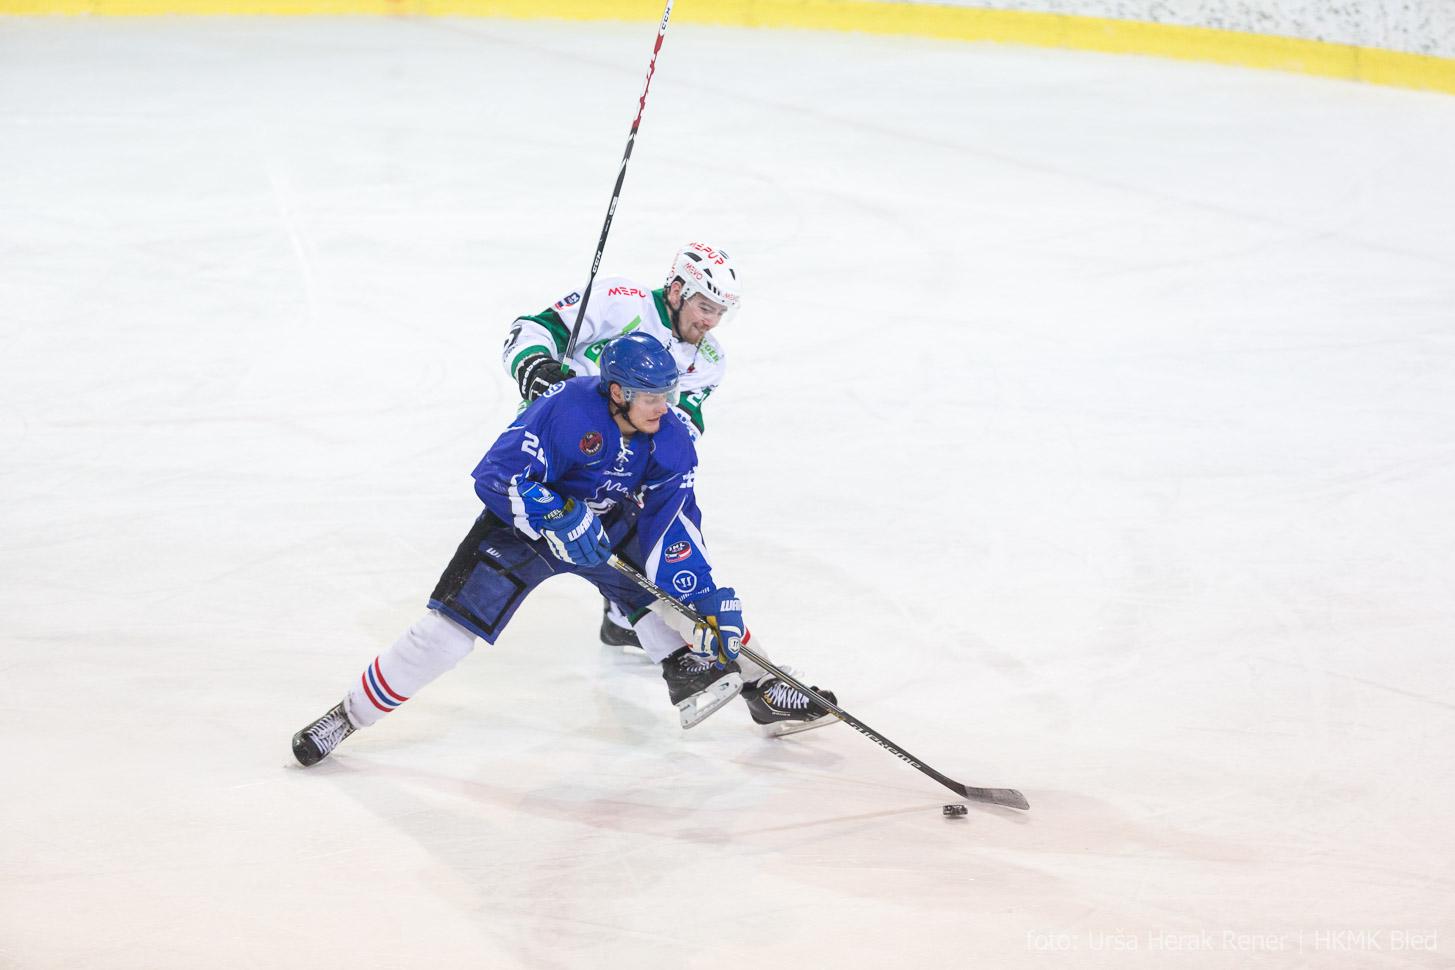 HKMK Bled vs. Bregenzerwald